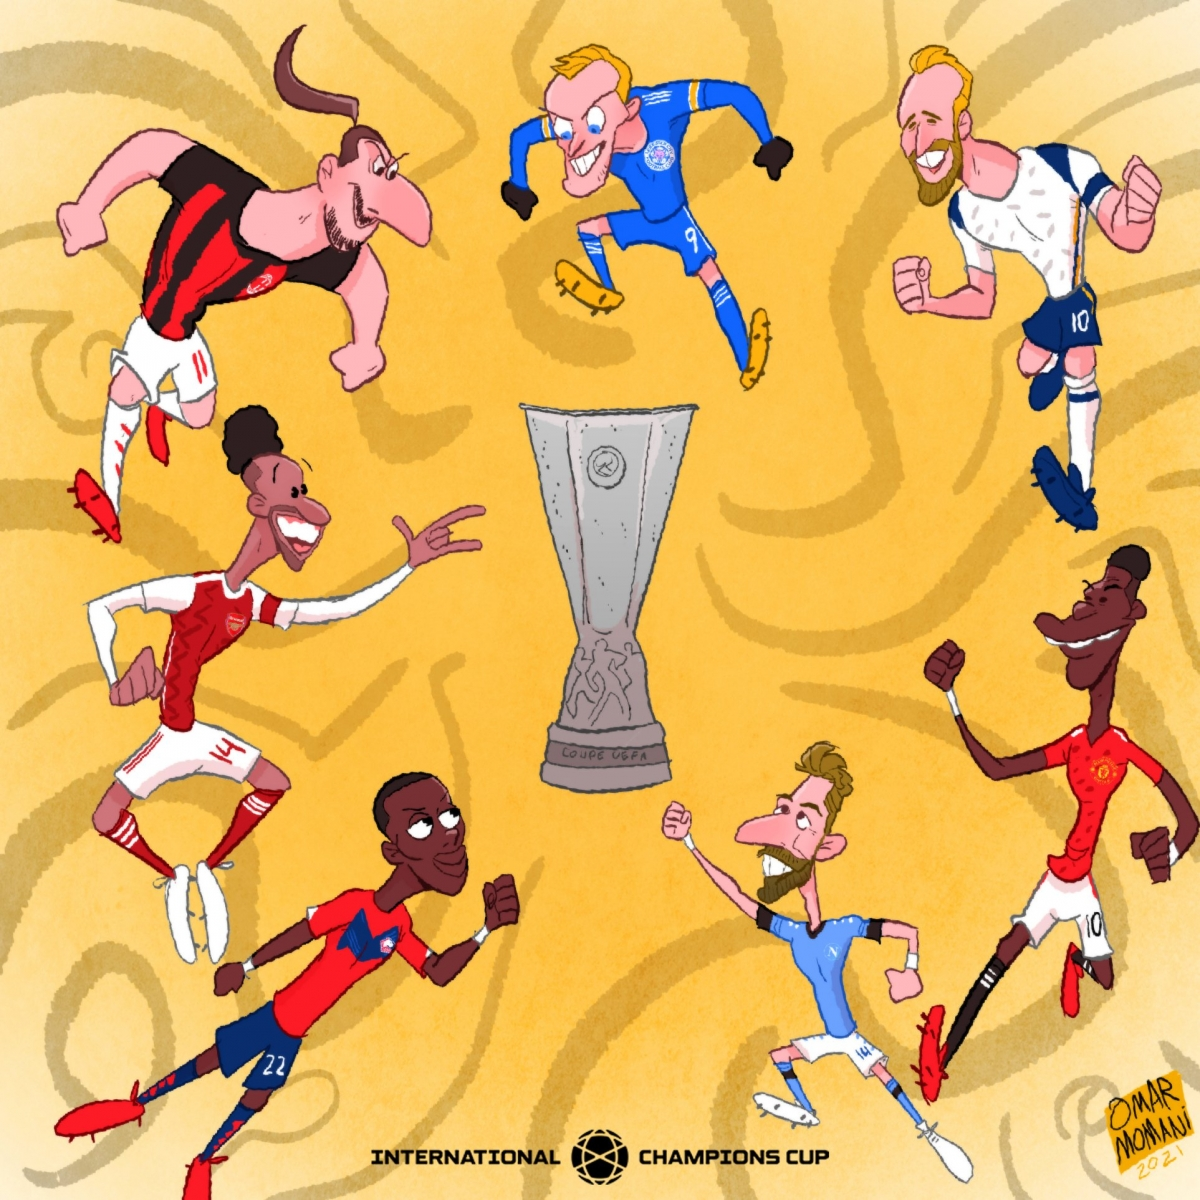 Sau Champions League là ngày hội của Europa League của những đội bóng lớn châu Âu.